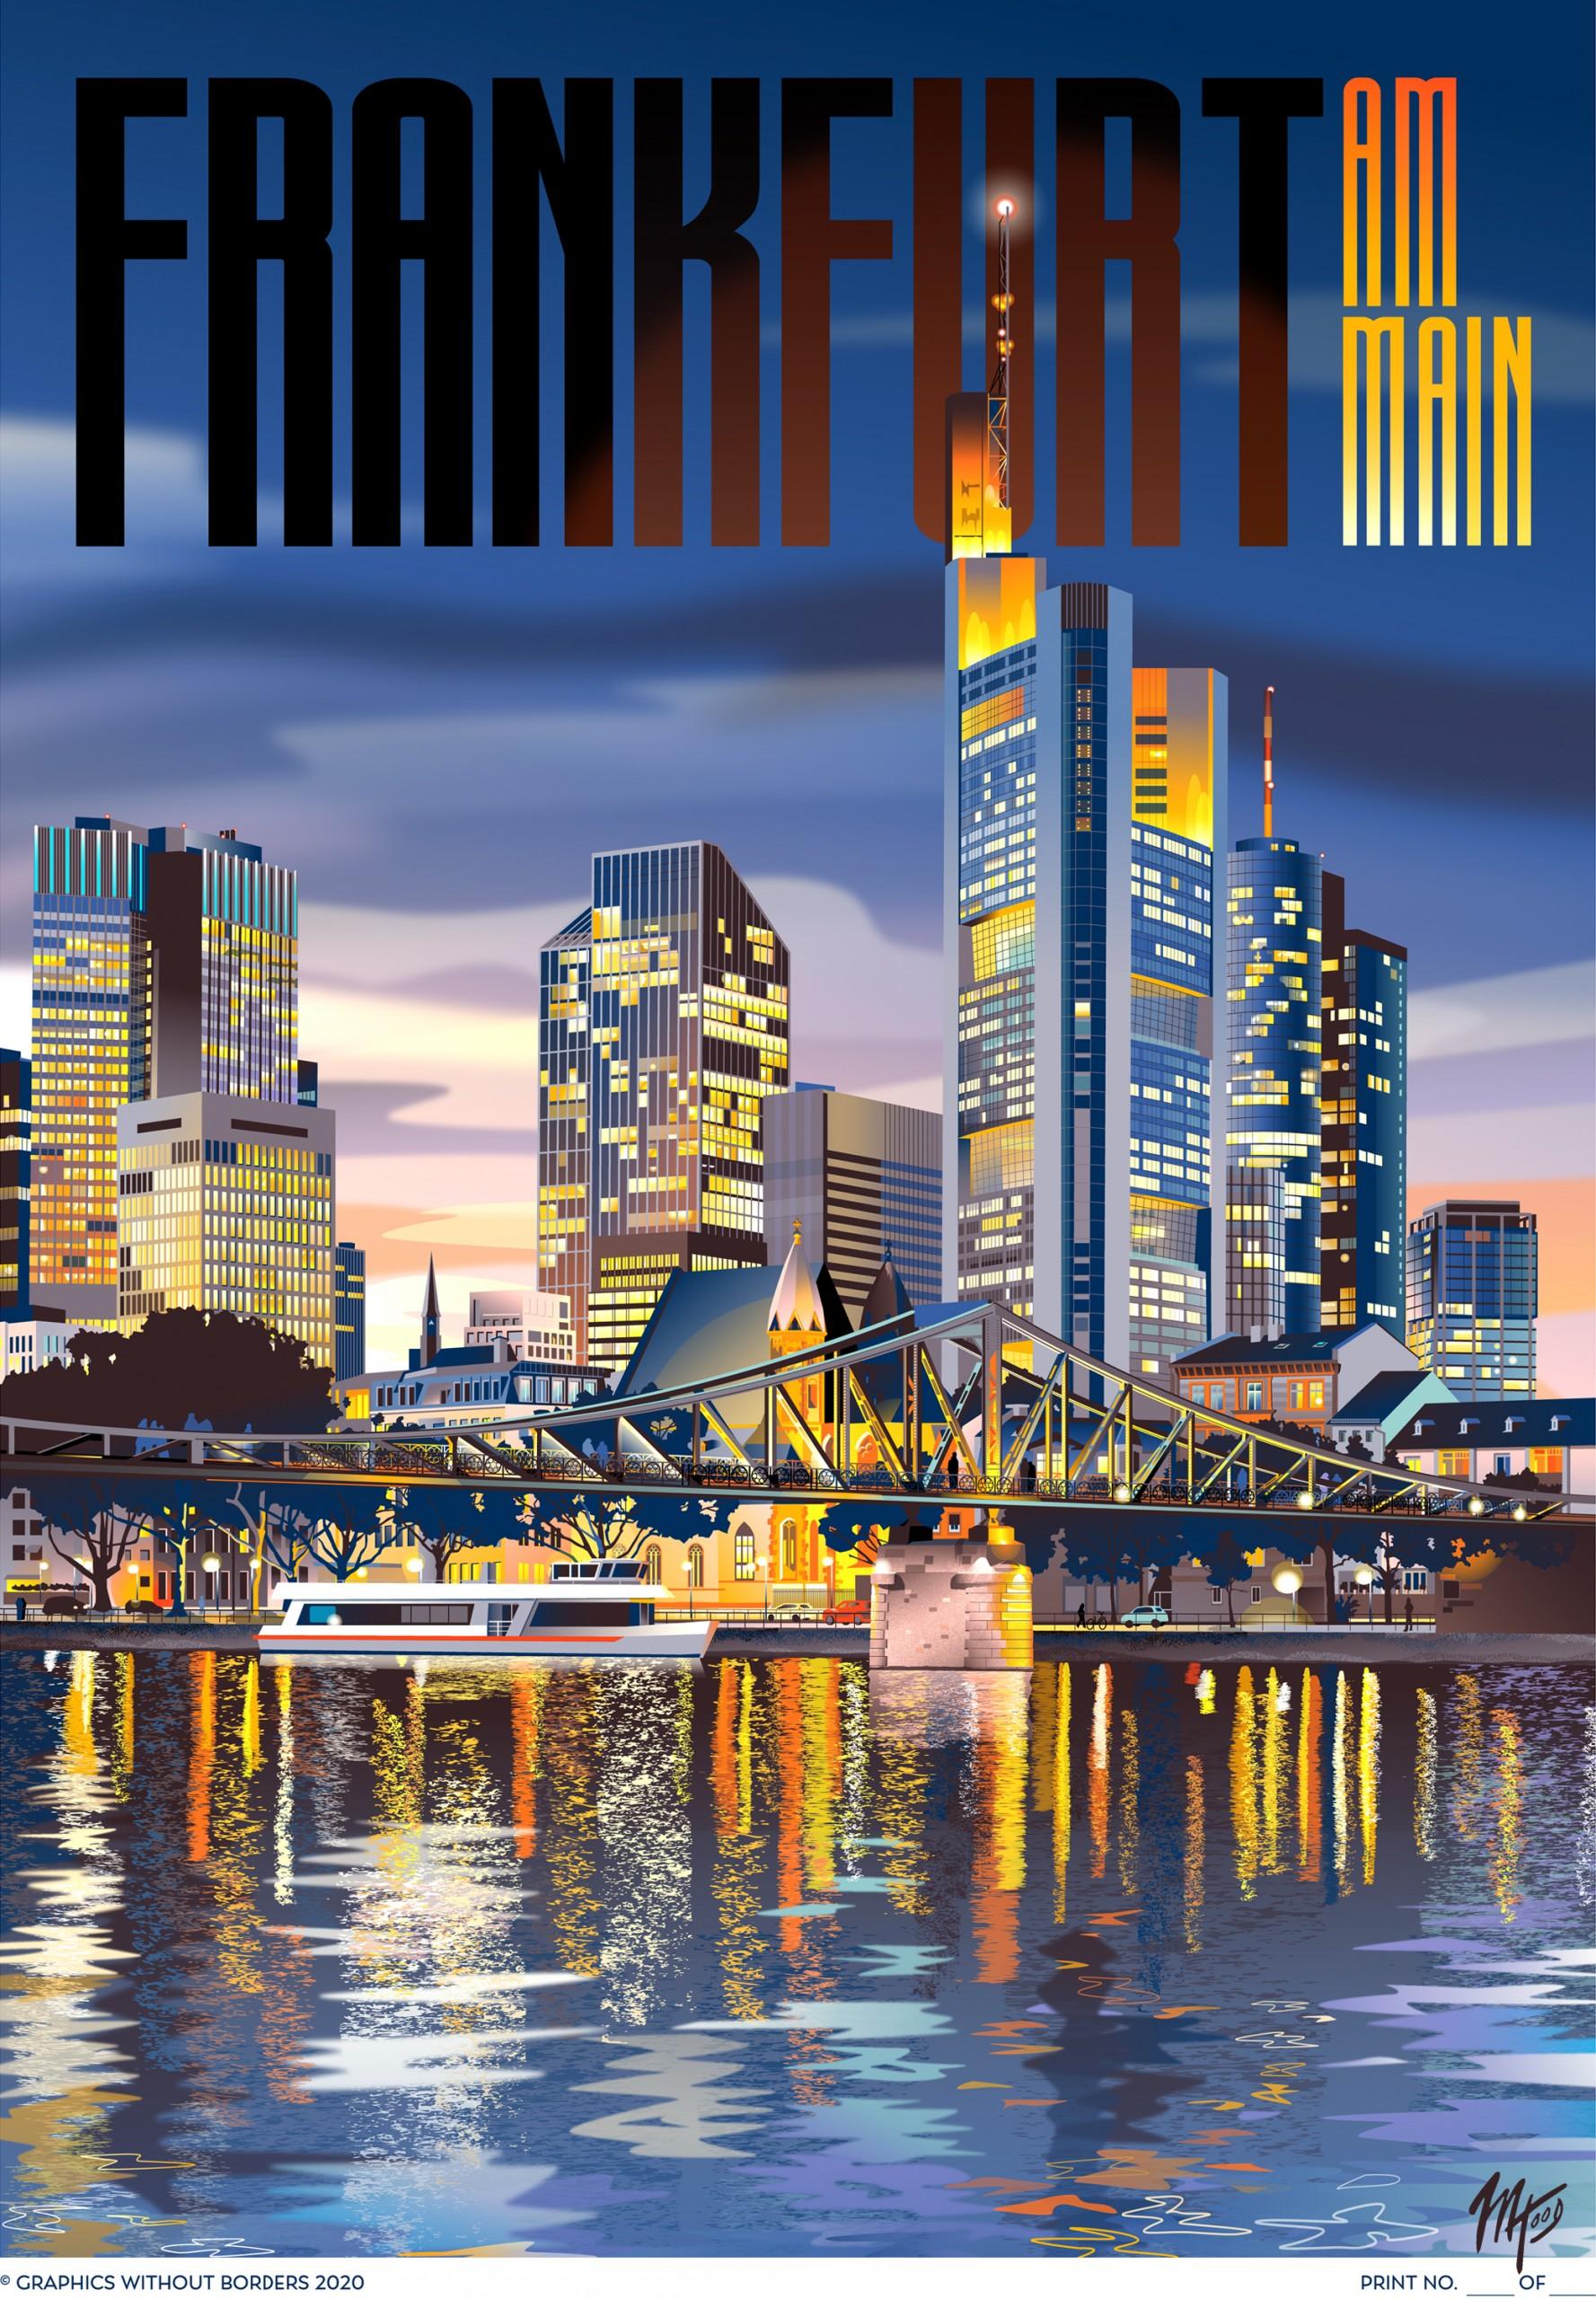 Frankfurt Travel Poster by Matt Hood